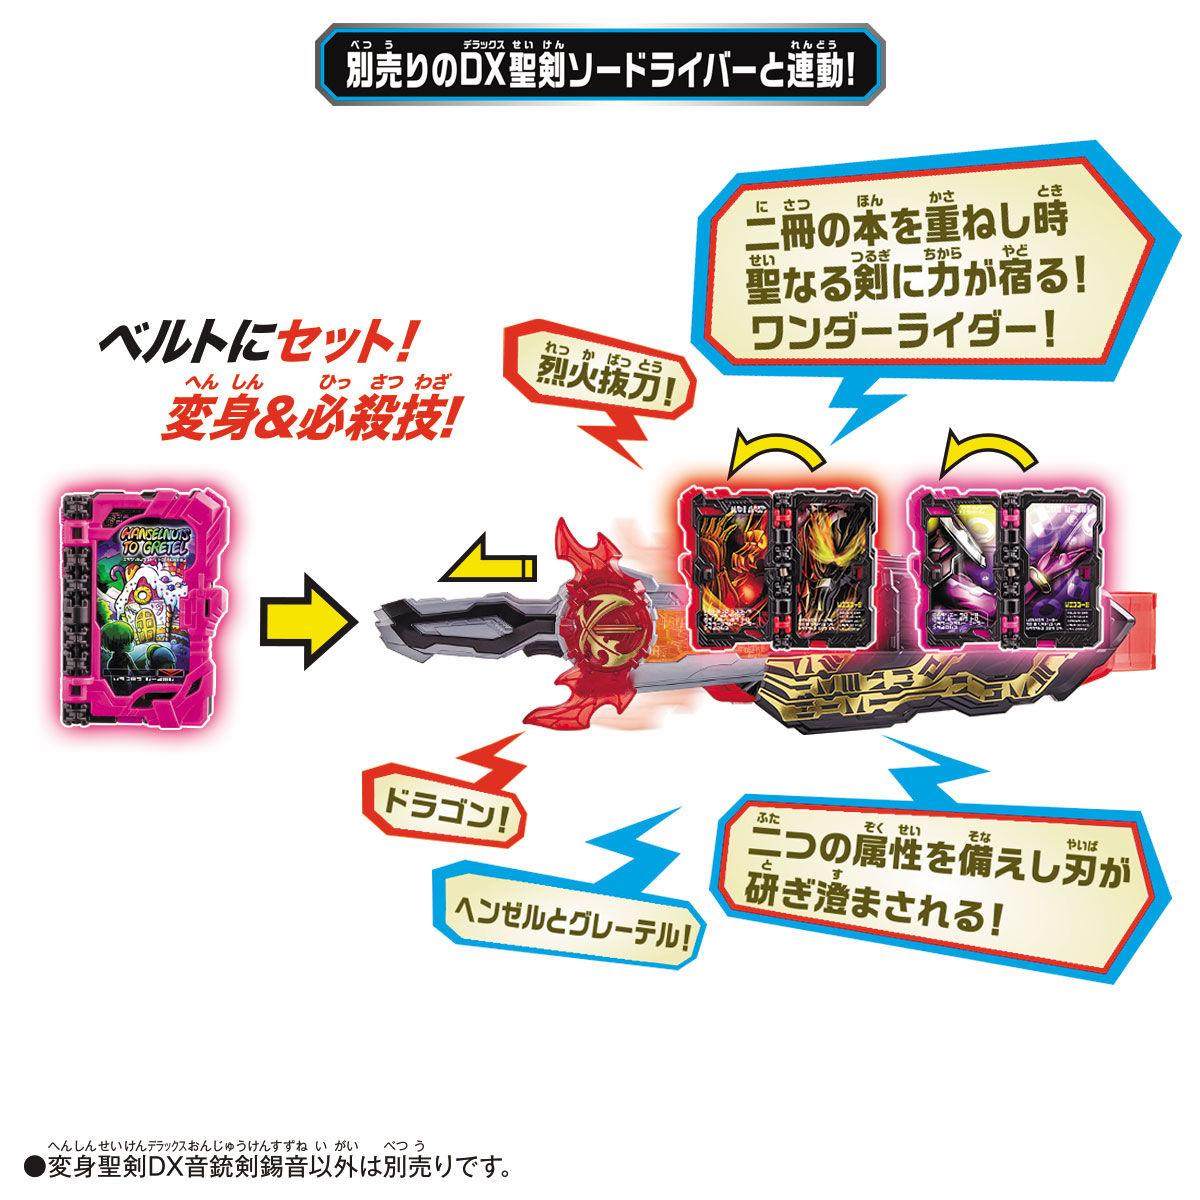 変身聖剣『DX音銃剣錫音』仮面ライダースラッシュ 変身なりきり-009